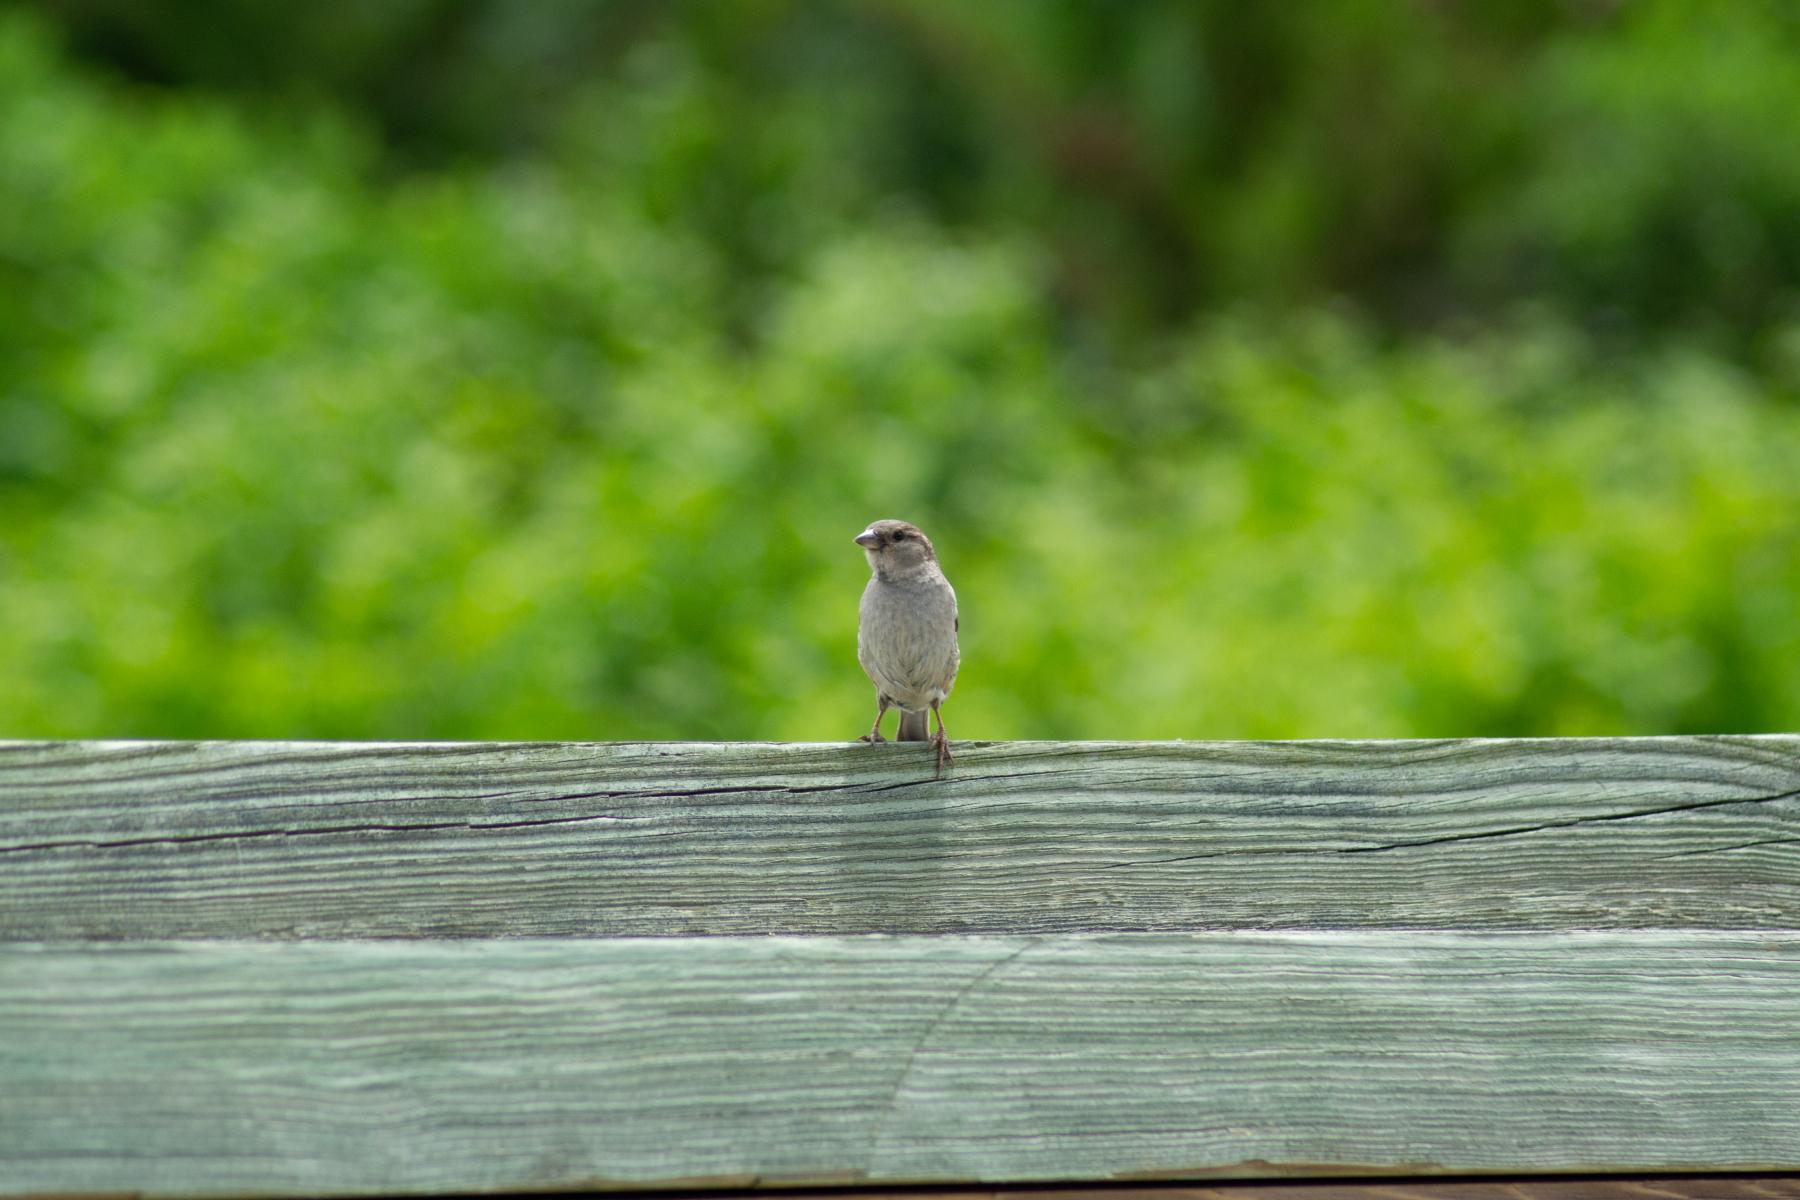 Bird-on-Fence